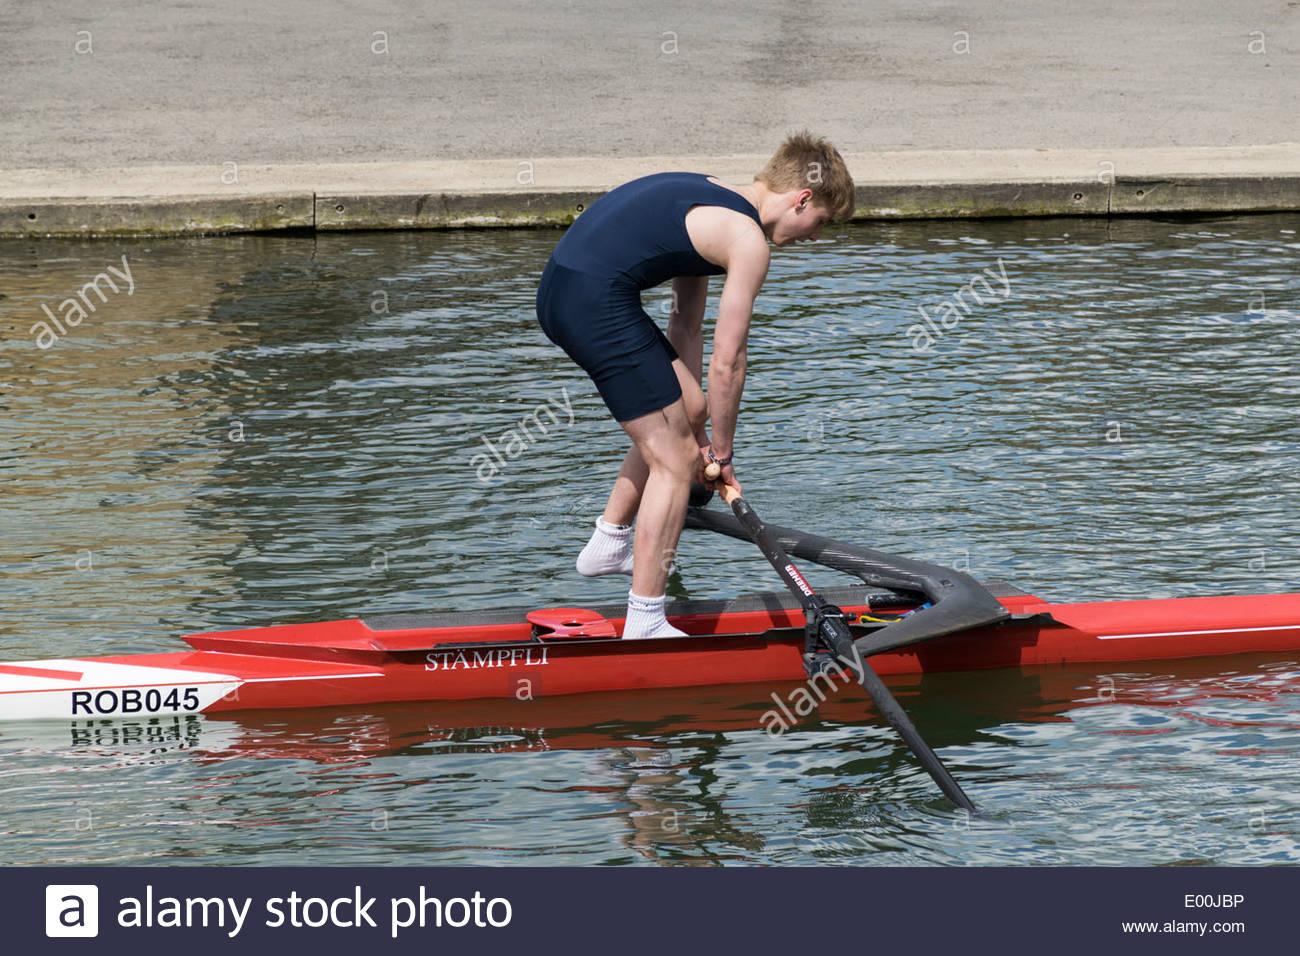 Un vogatore tenta di stare in piedi su una gamba in una unica sede scull barca sul fiume Cam in Cambridge Immagini Stock